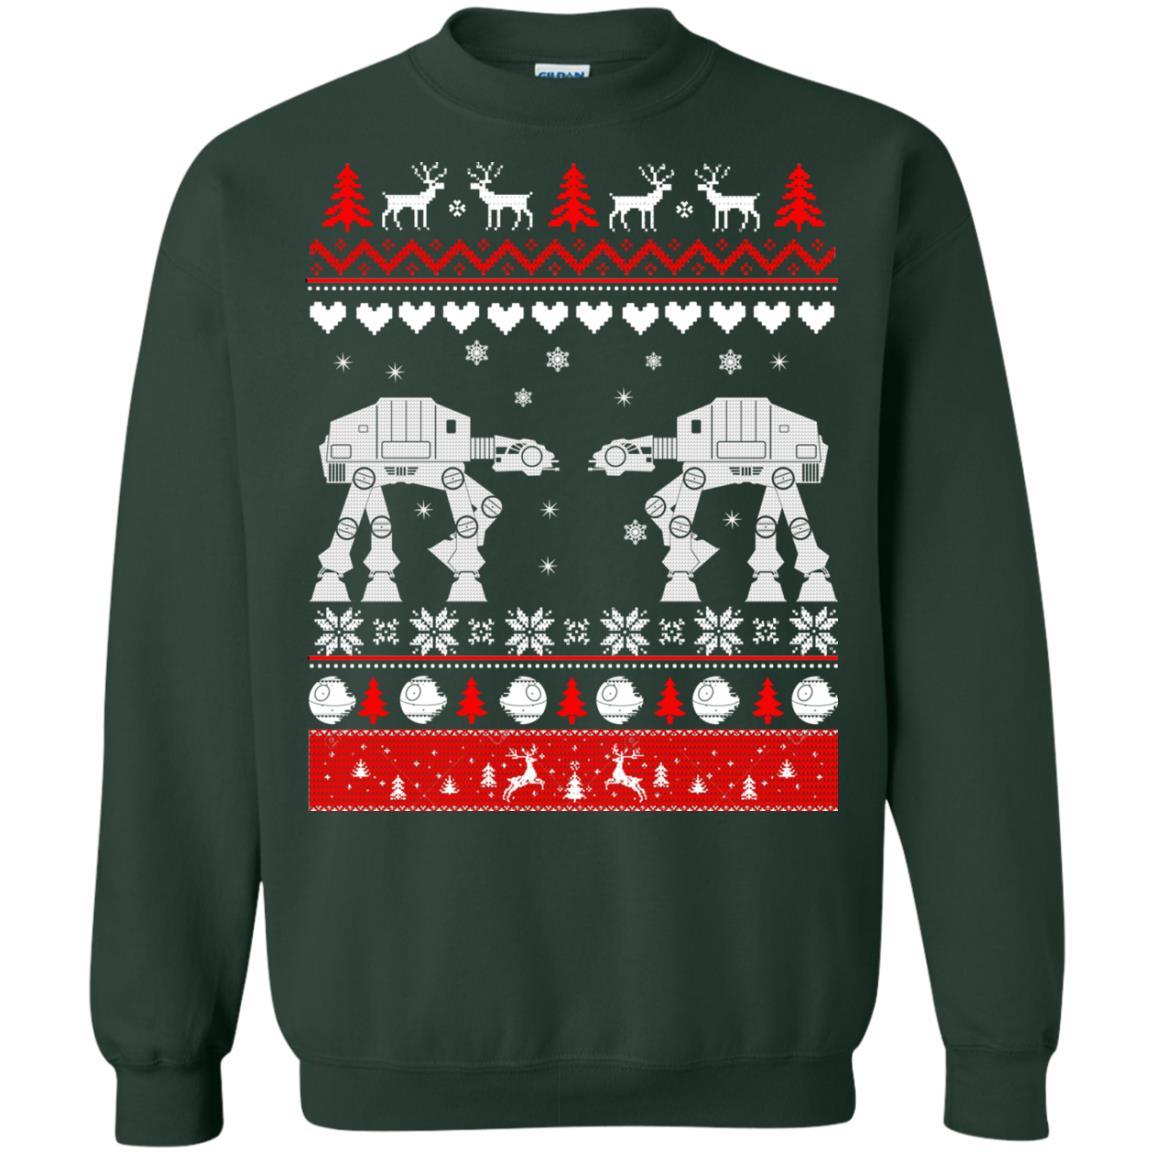 image 1743 - Star Wars AT AT Walker Christmas Sweatshirt, Hoodie